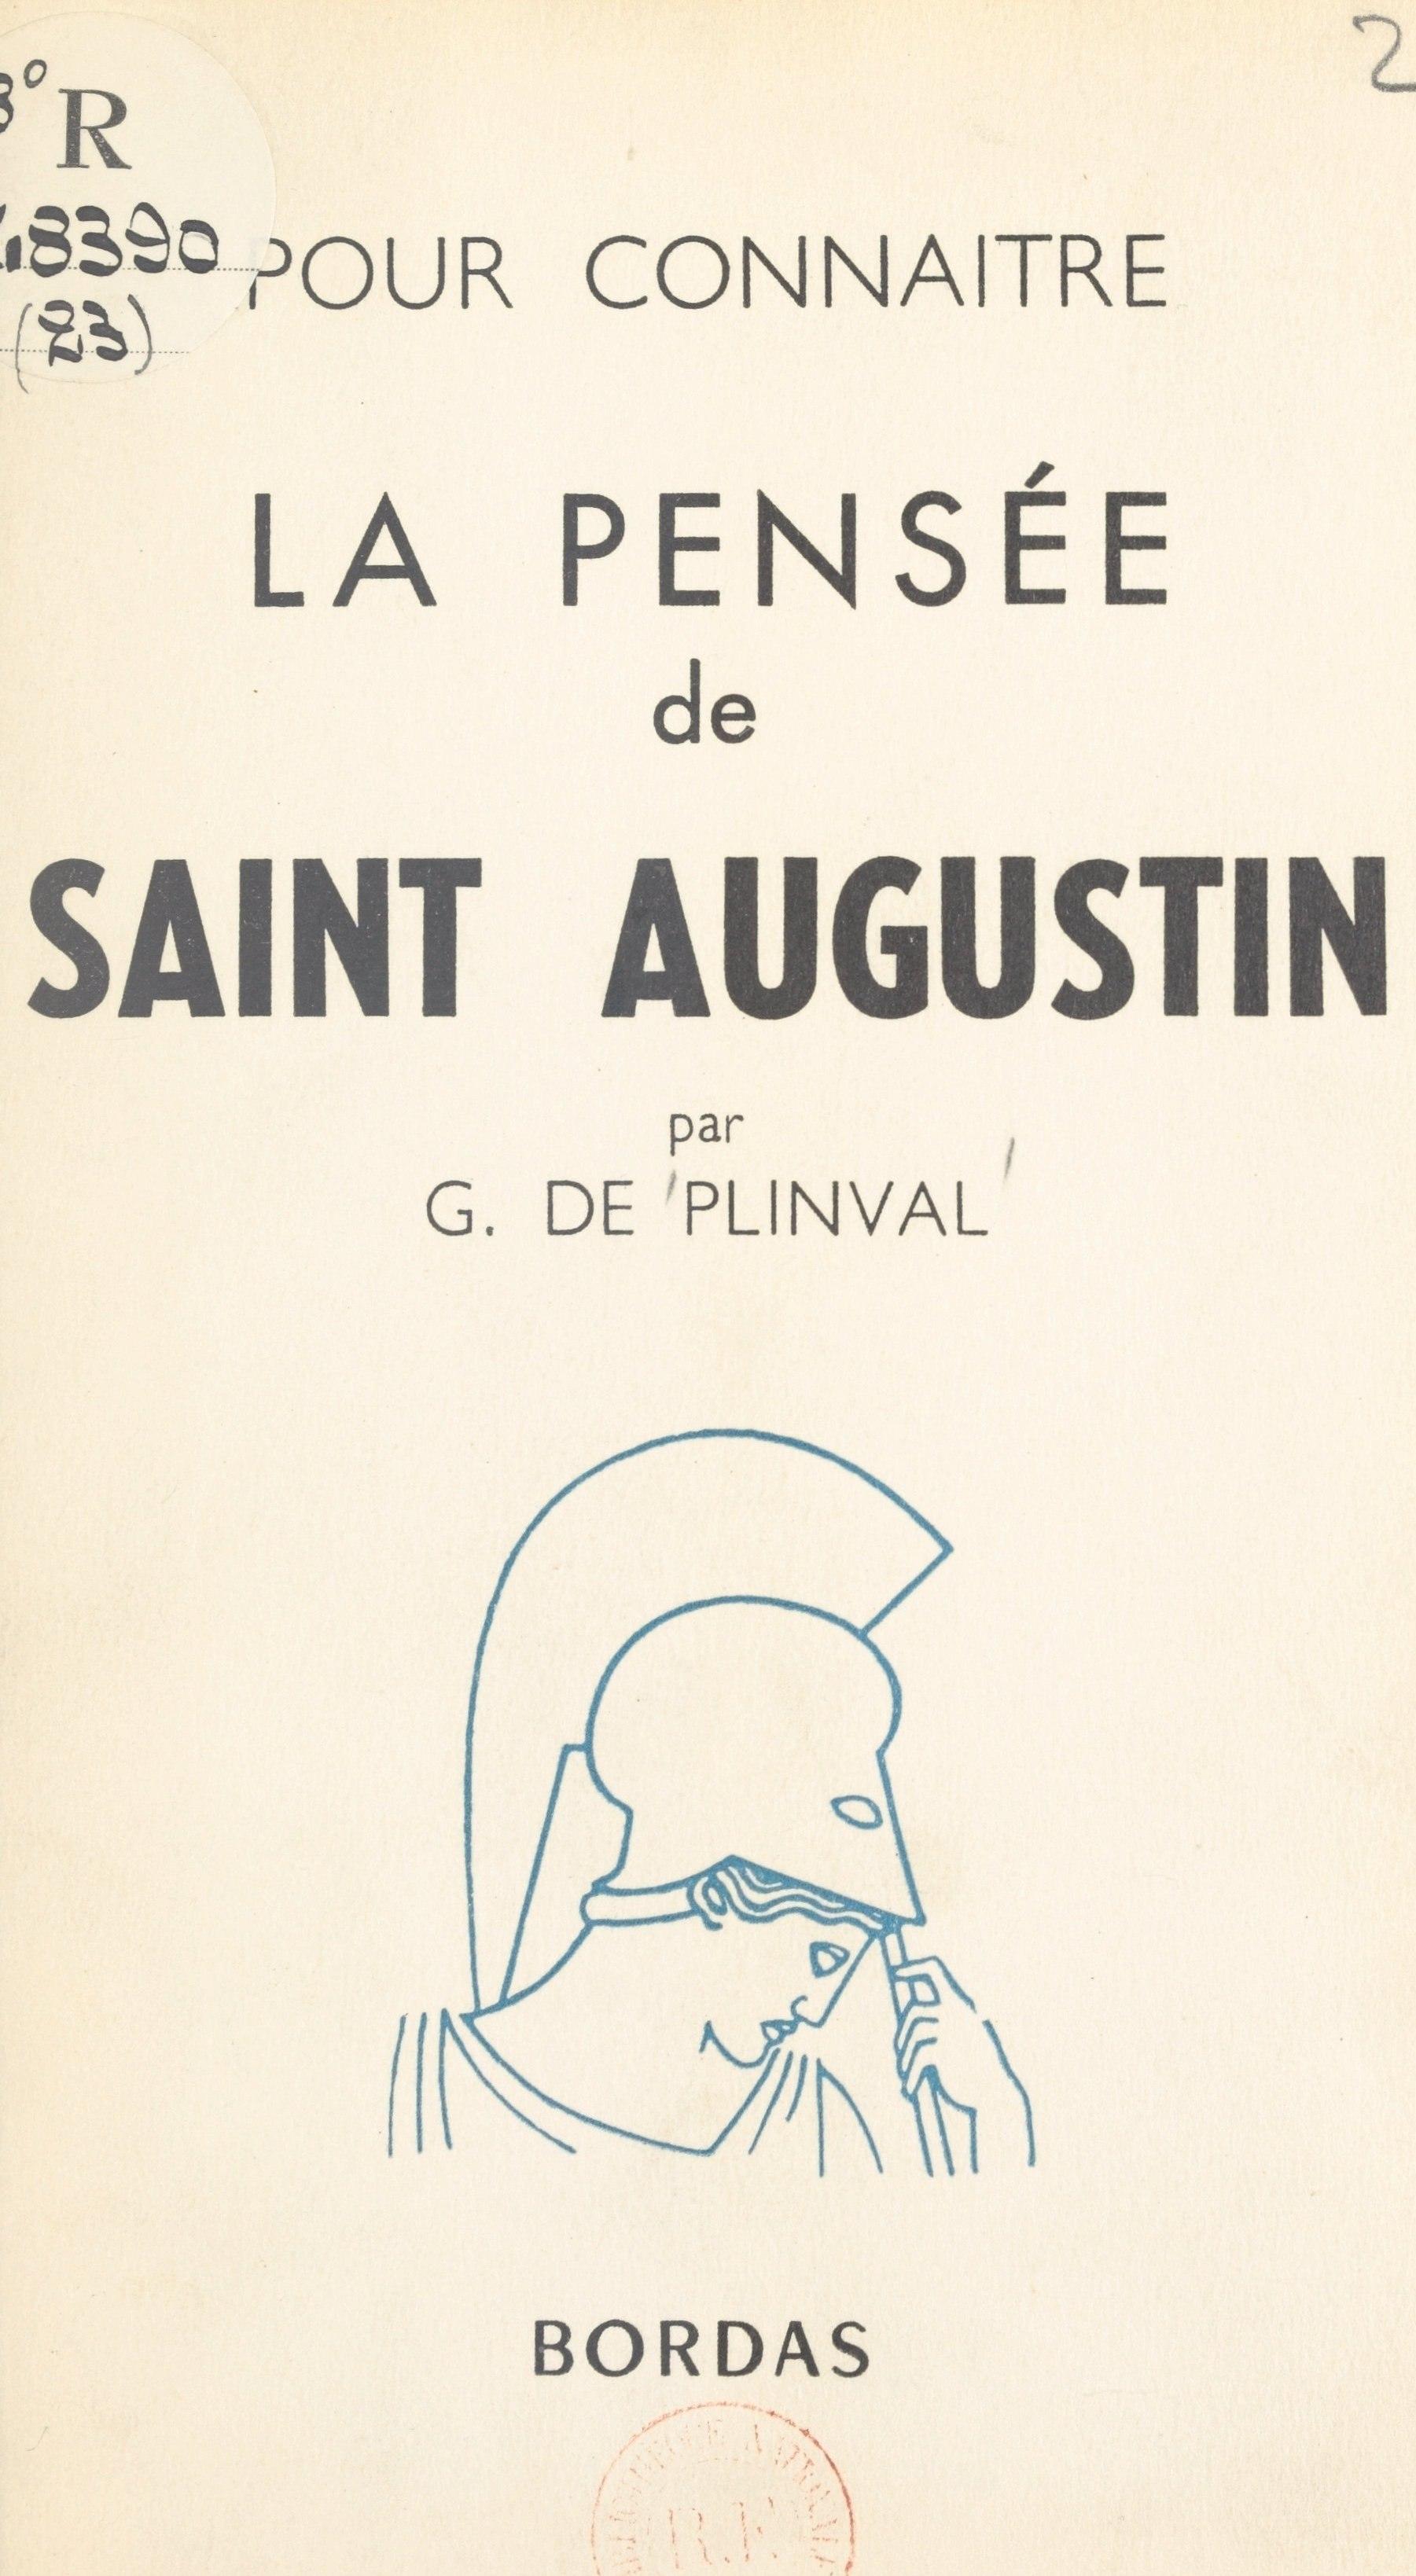 La pensée de Saint Augustin